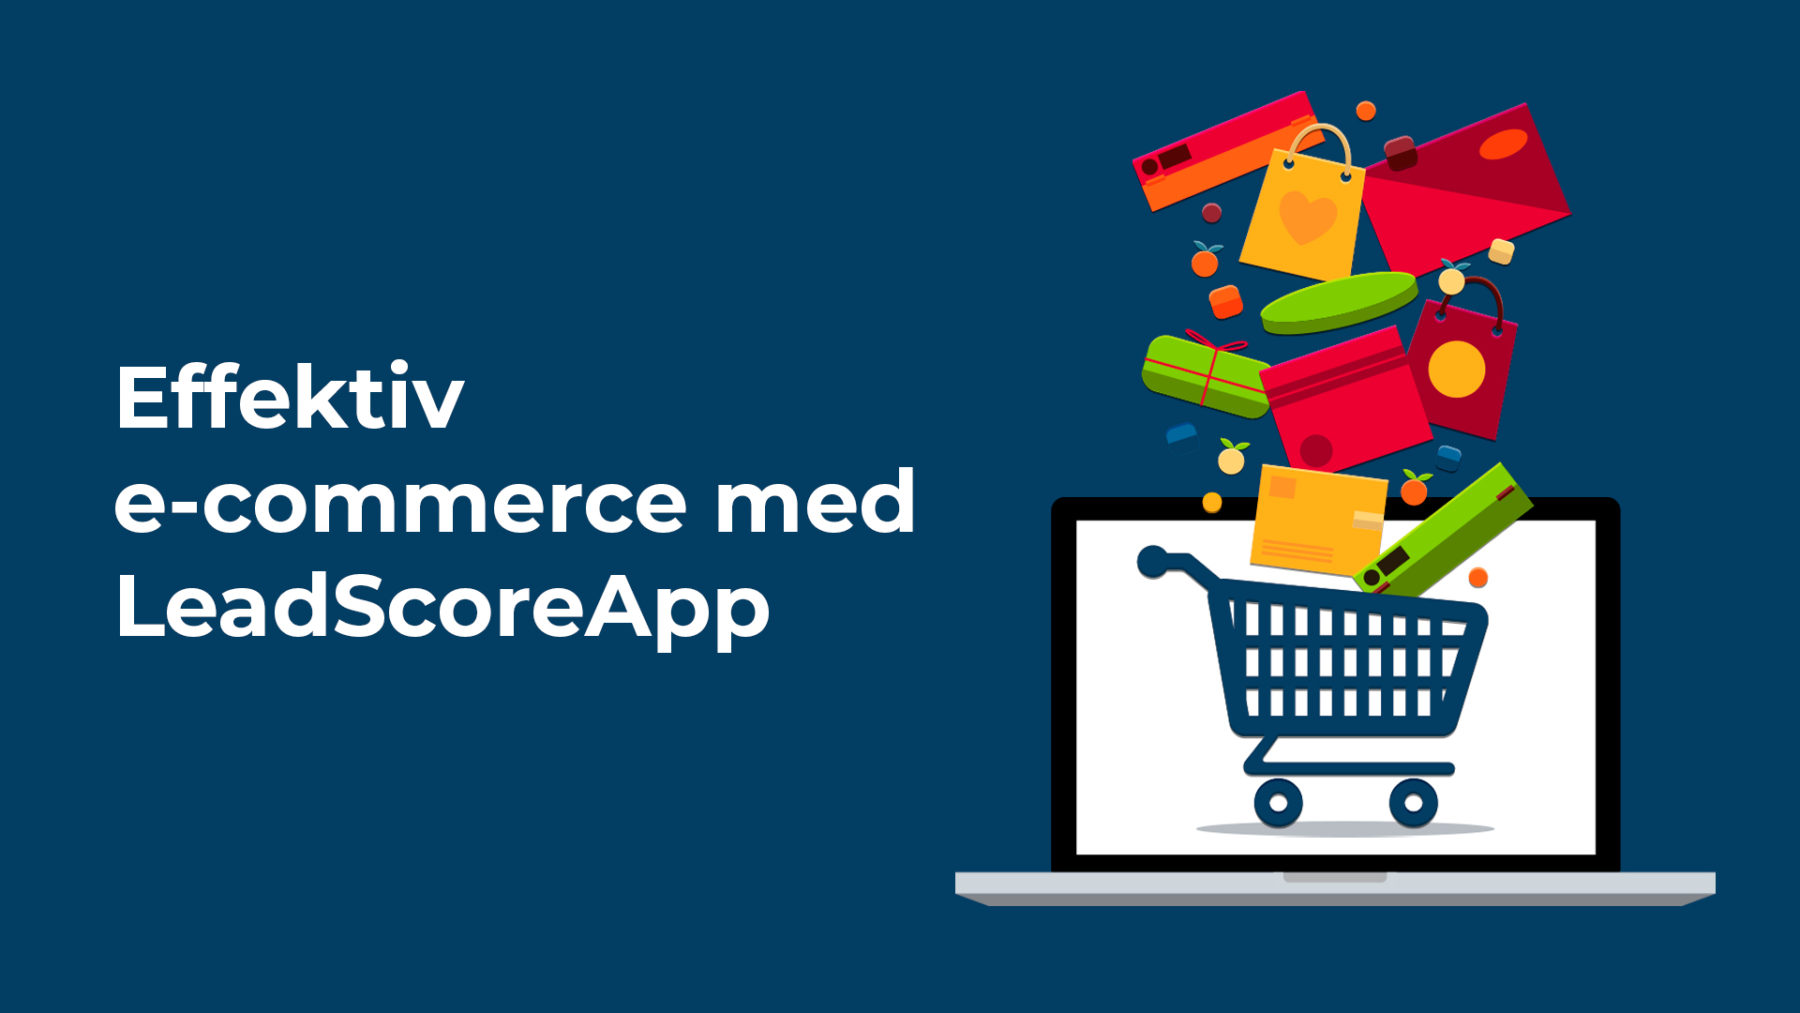 Effektiv e-commerce med LeadScoreApp